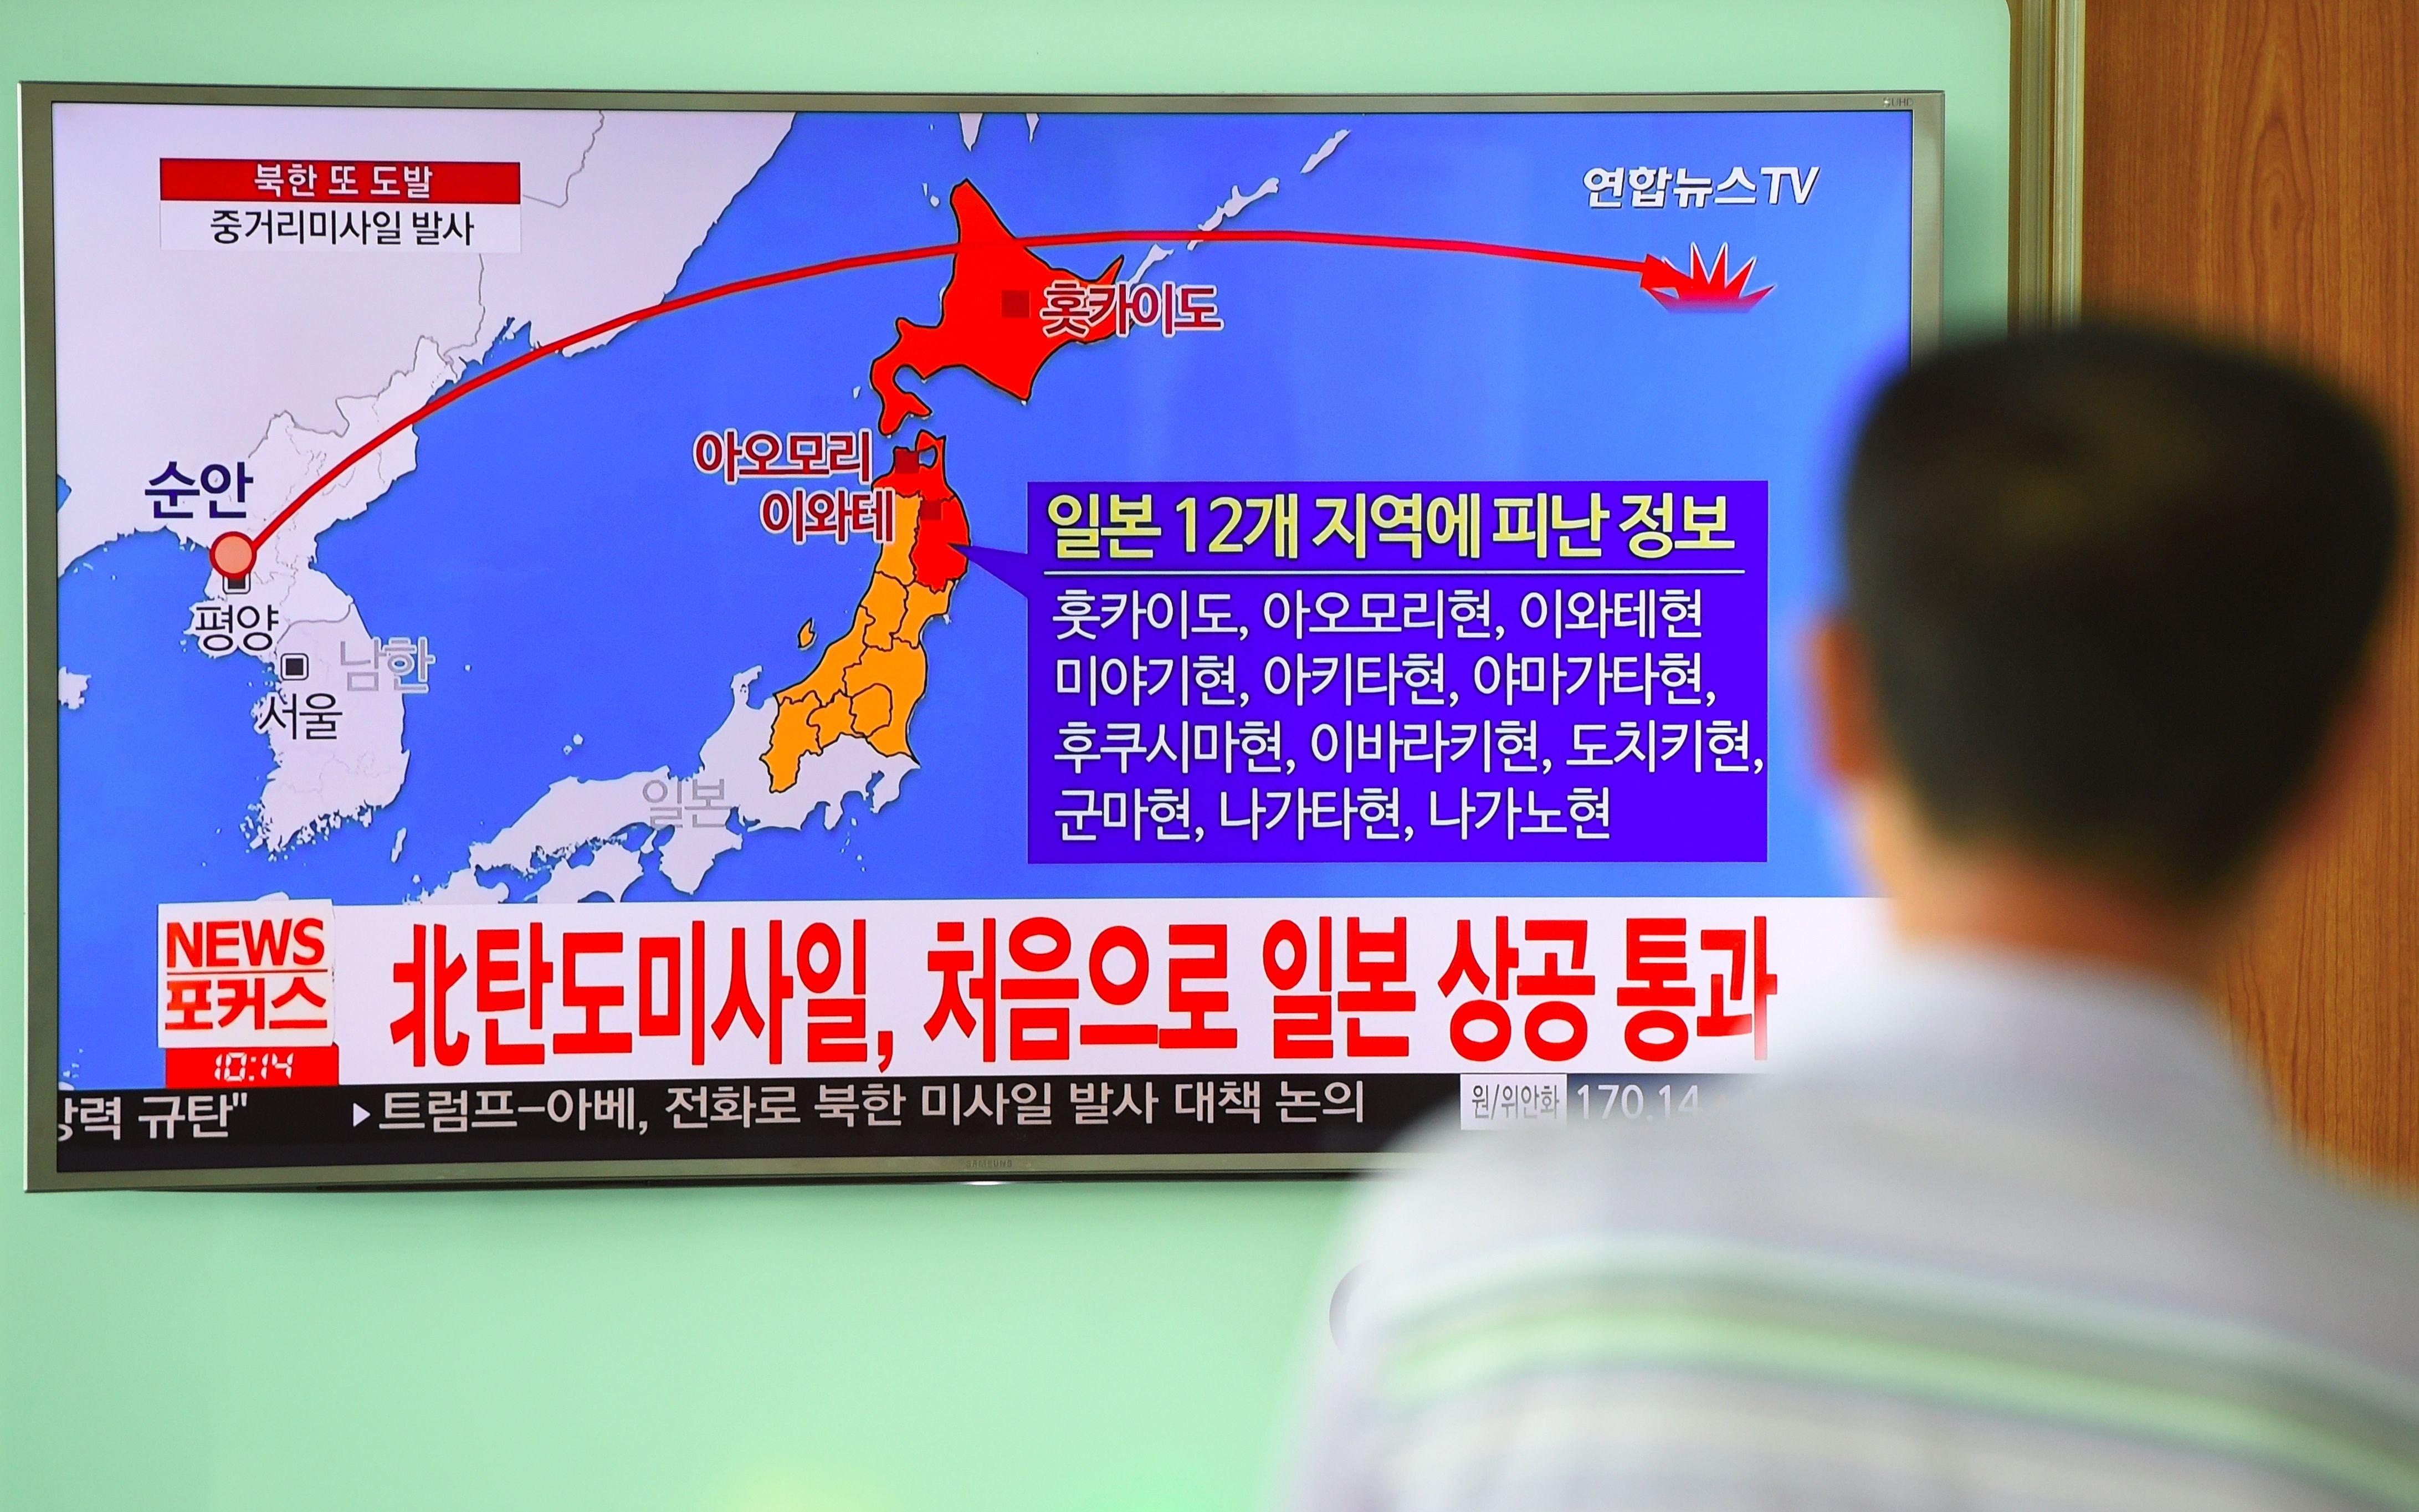 Coreia do Norte lança míssil sobre o Japão, diz governo japonês